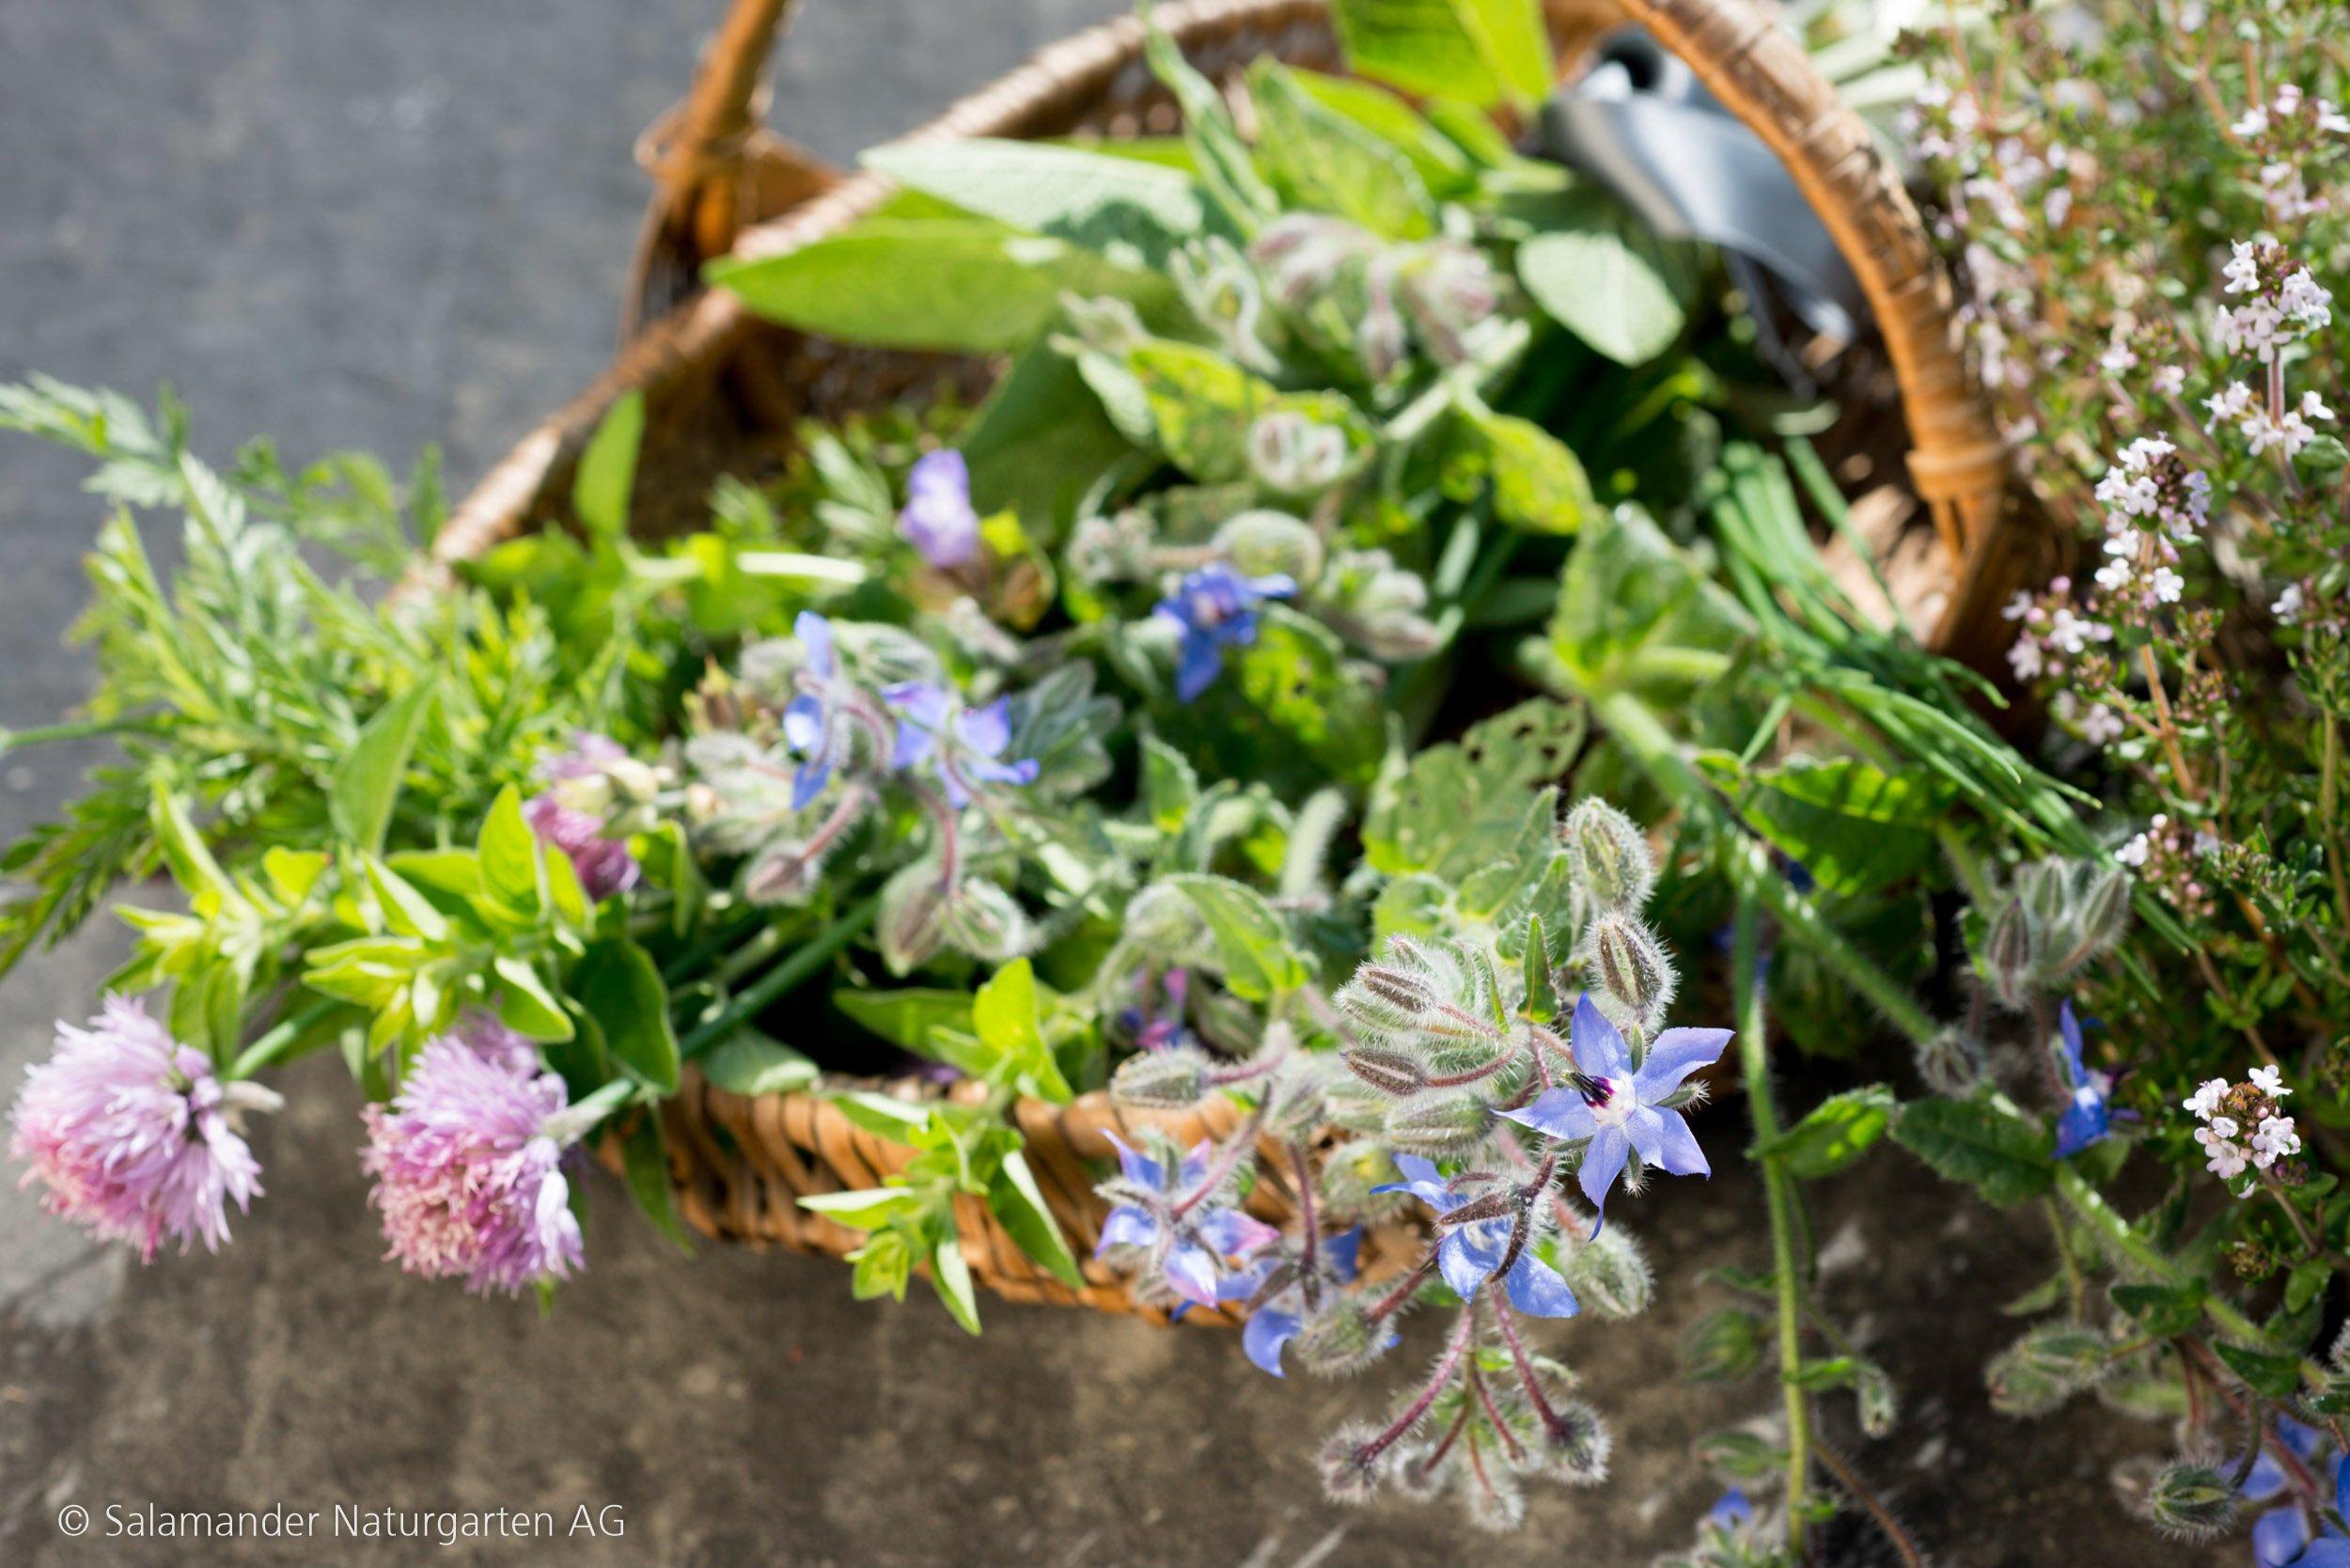 Sammlung an Kräutern aus dem Garten